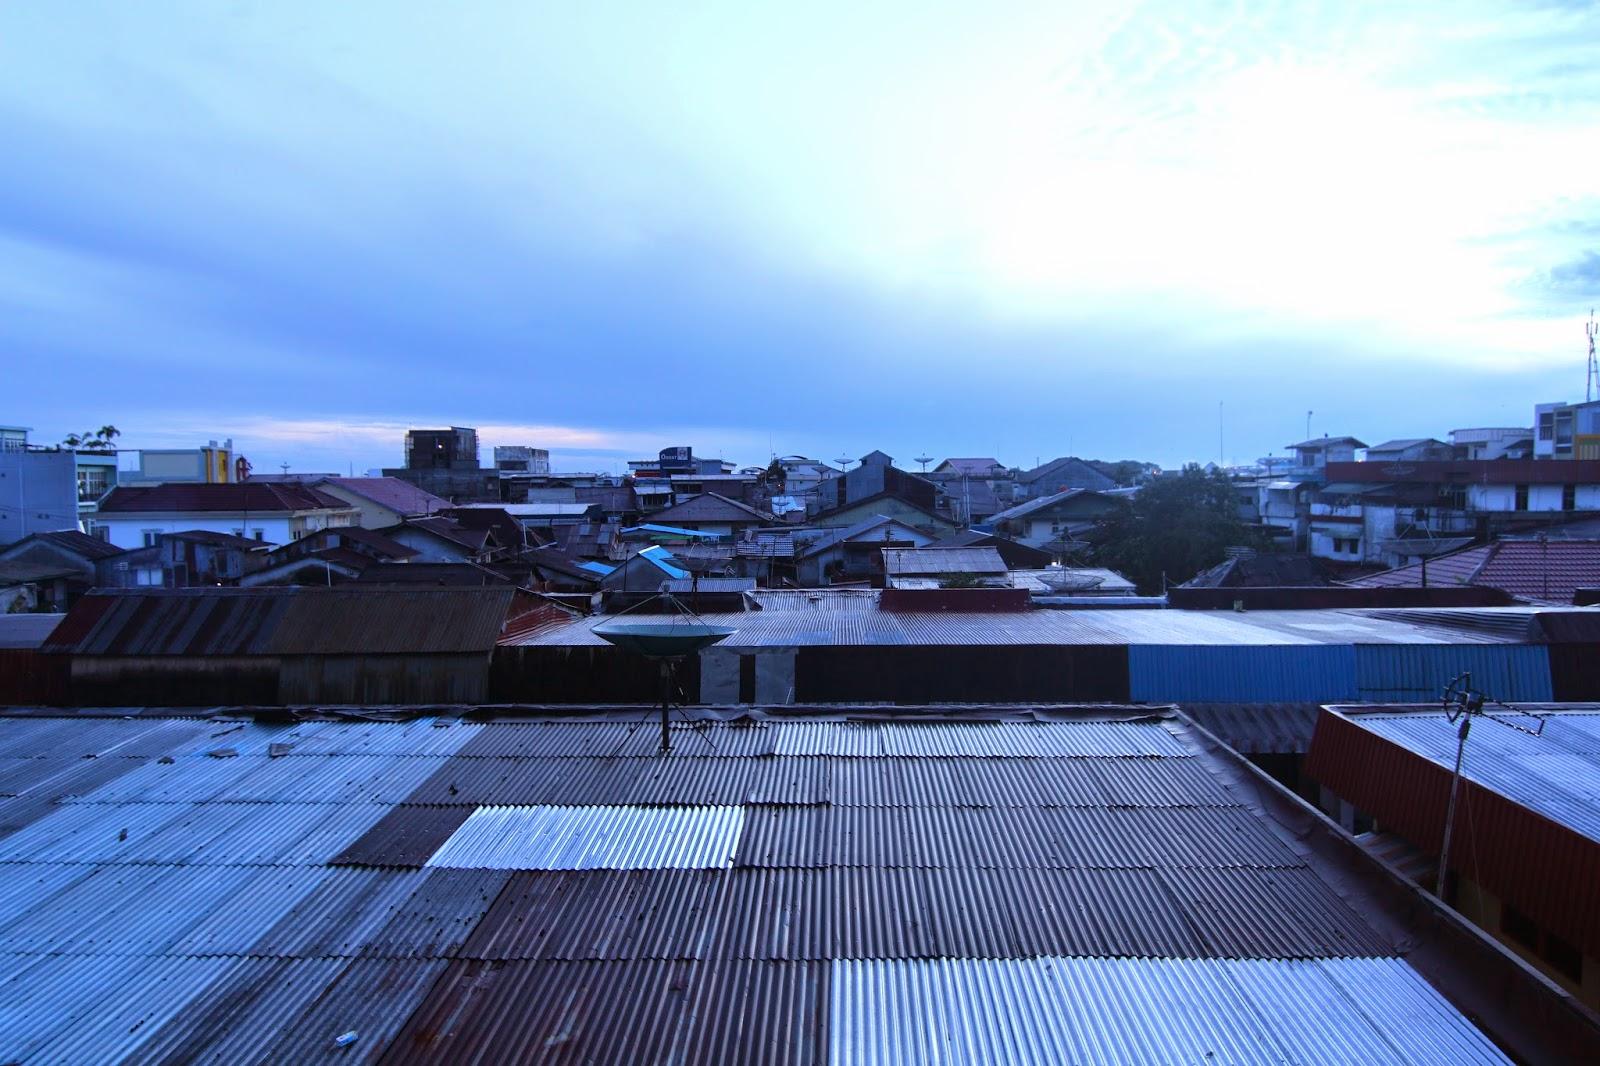 Suasana selepas subuh di Kota Pontianak